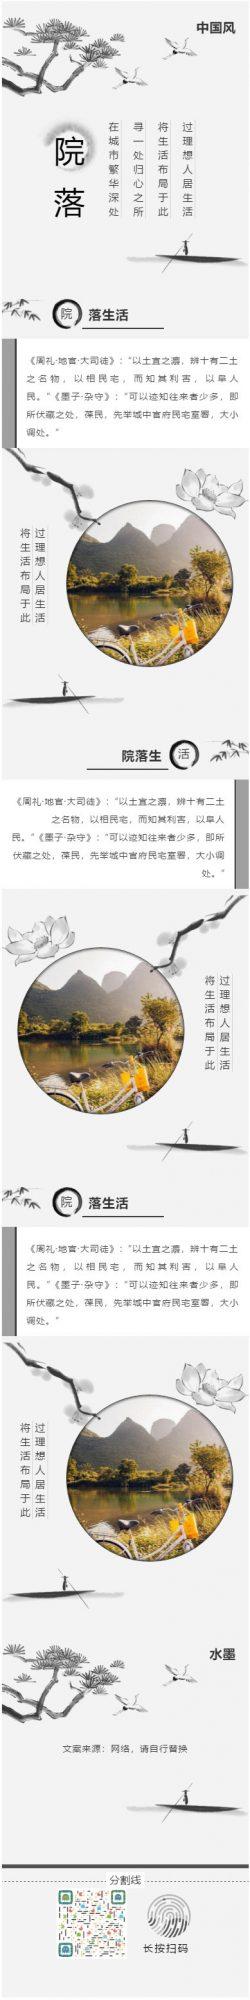 水墨风格微信公众号推文模板中国风图文素材家居建筑